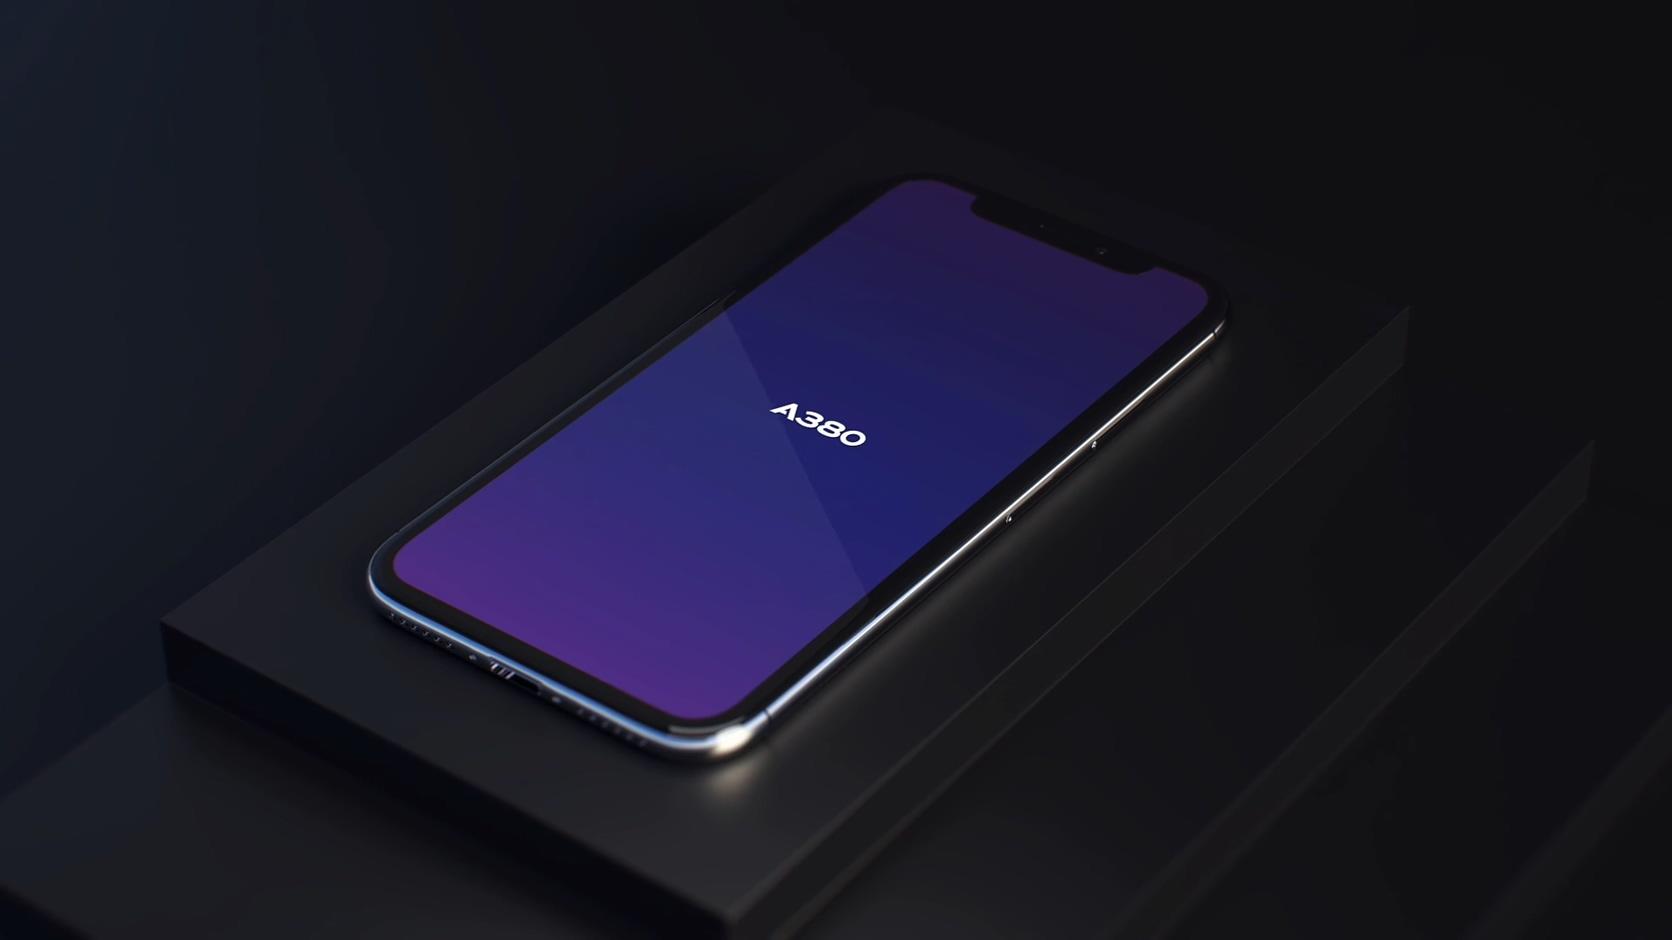 手机智能功能展示图标质感暗黑